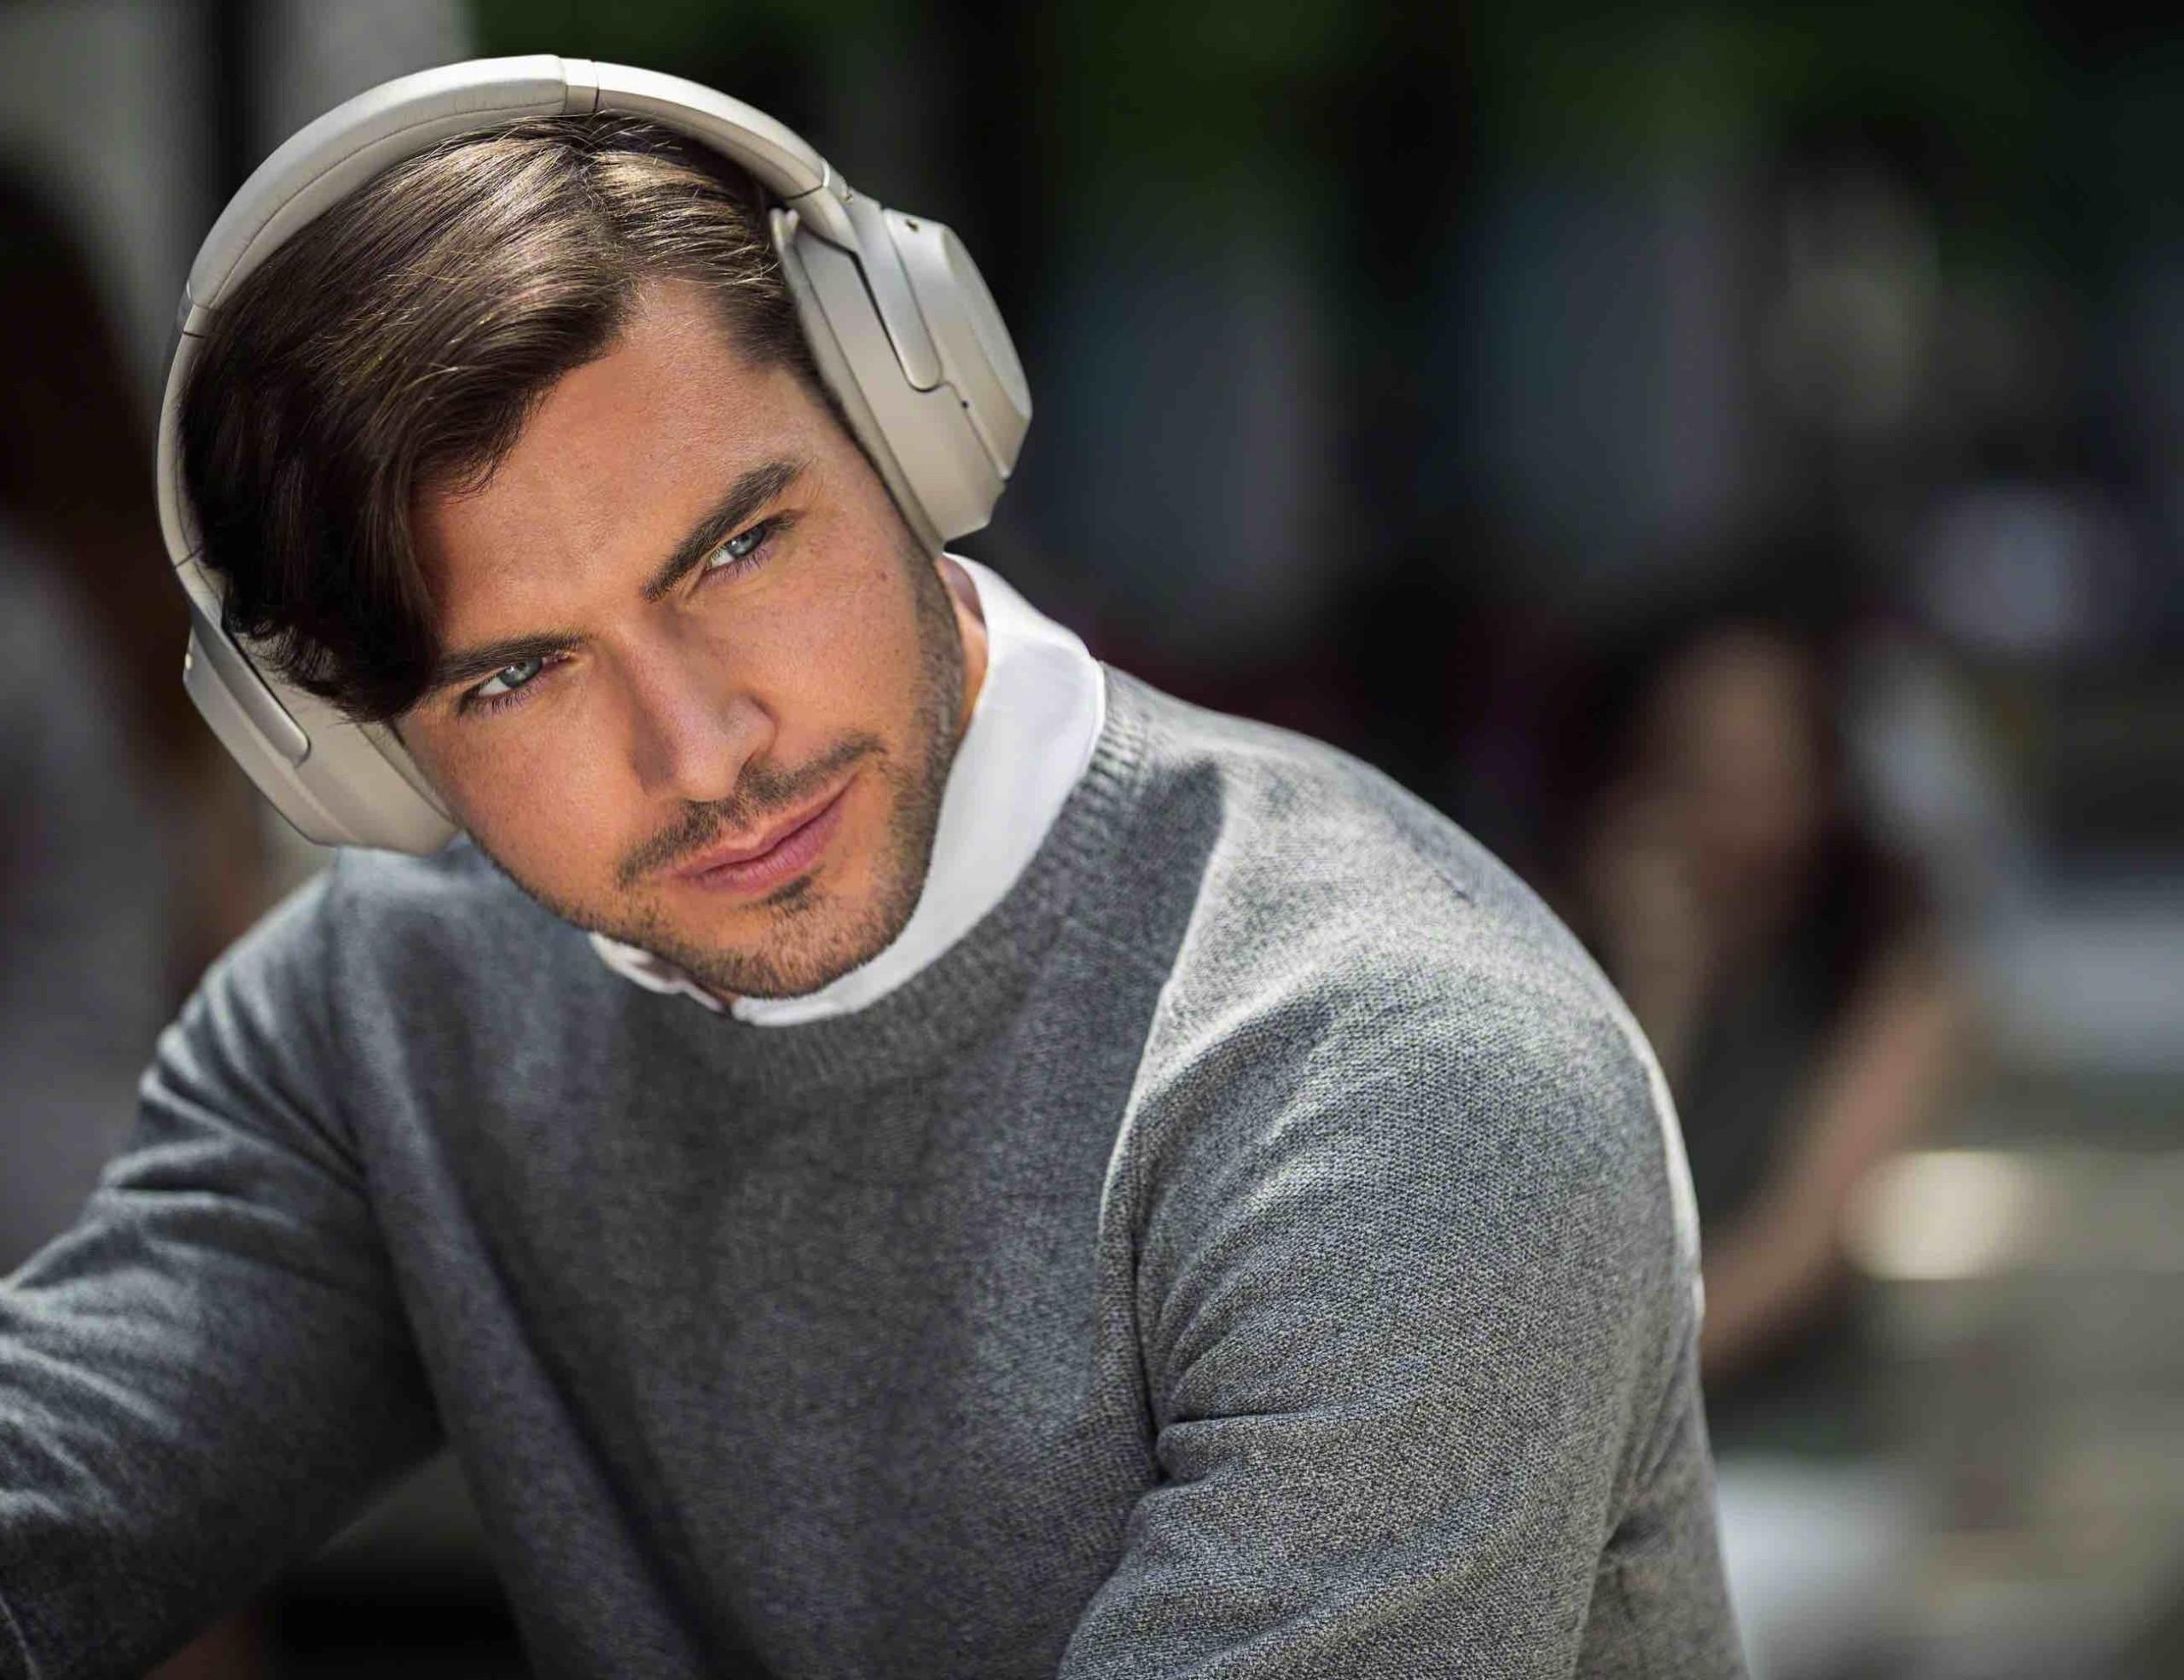 Sony 1000XM3 Wireless Noise-Canceling Headphones